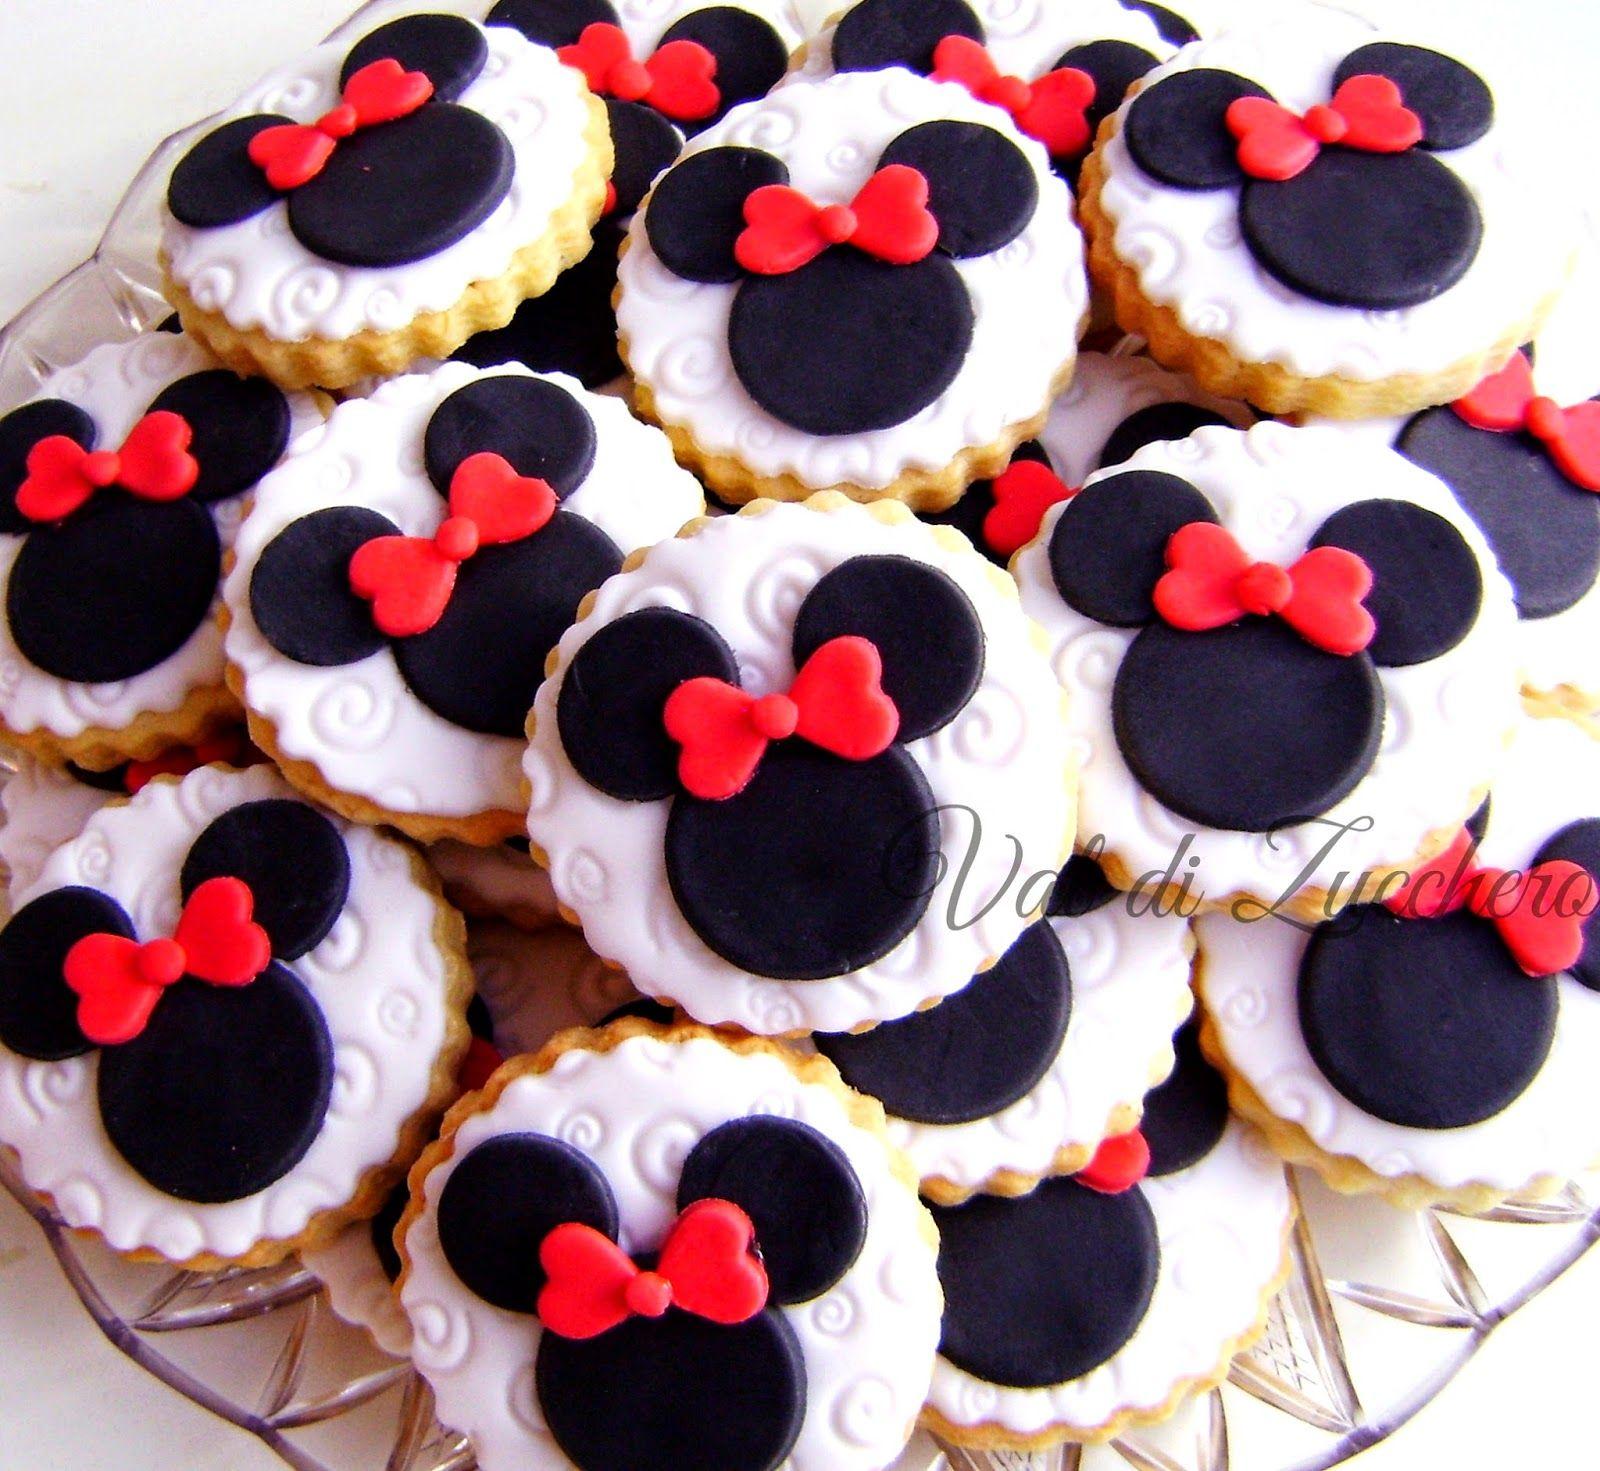 Val di zucchero: Torta e biscotti Minnie! | Biscotti di ...